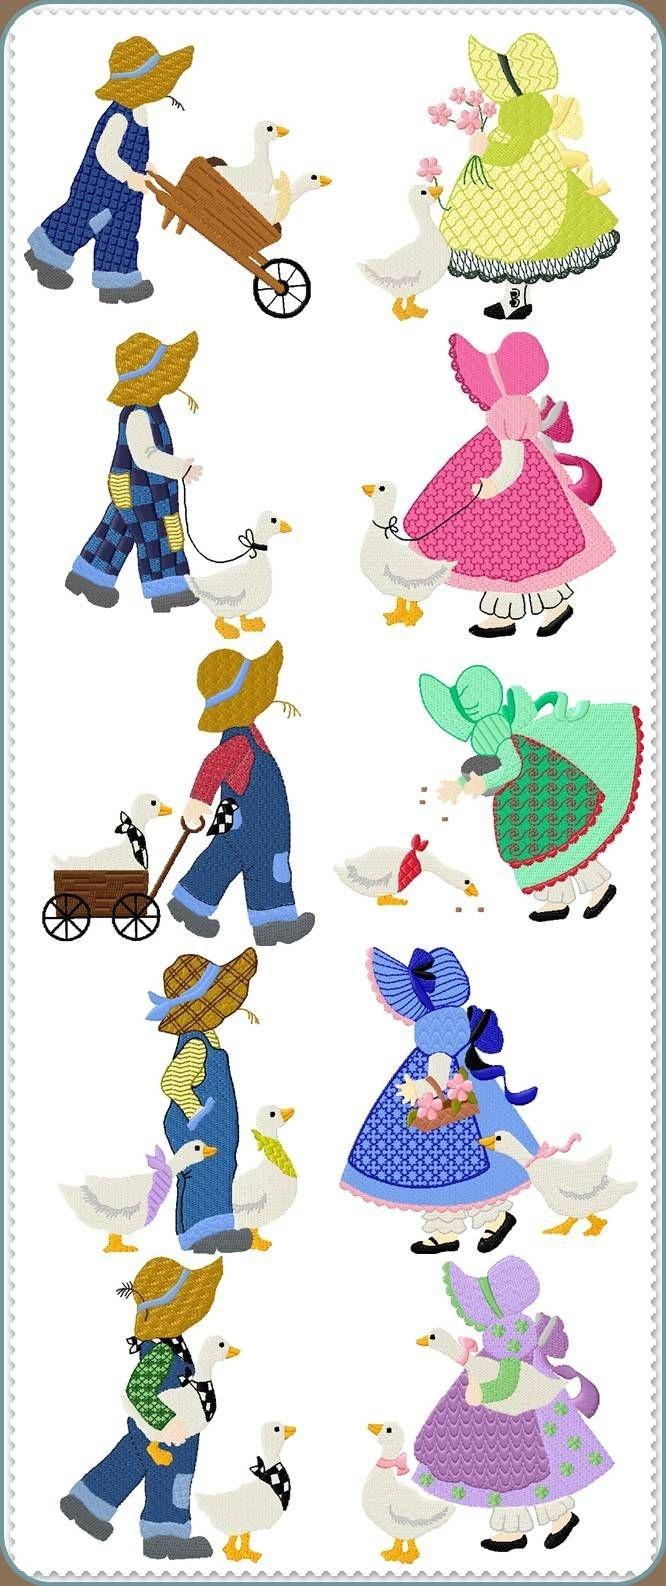 Sunbonnet Sue Printable Pattern | Sunbonnet Sue Quilt Blocks And - Free Printable Dutch Girl Quilt Pattern